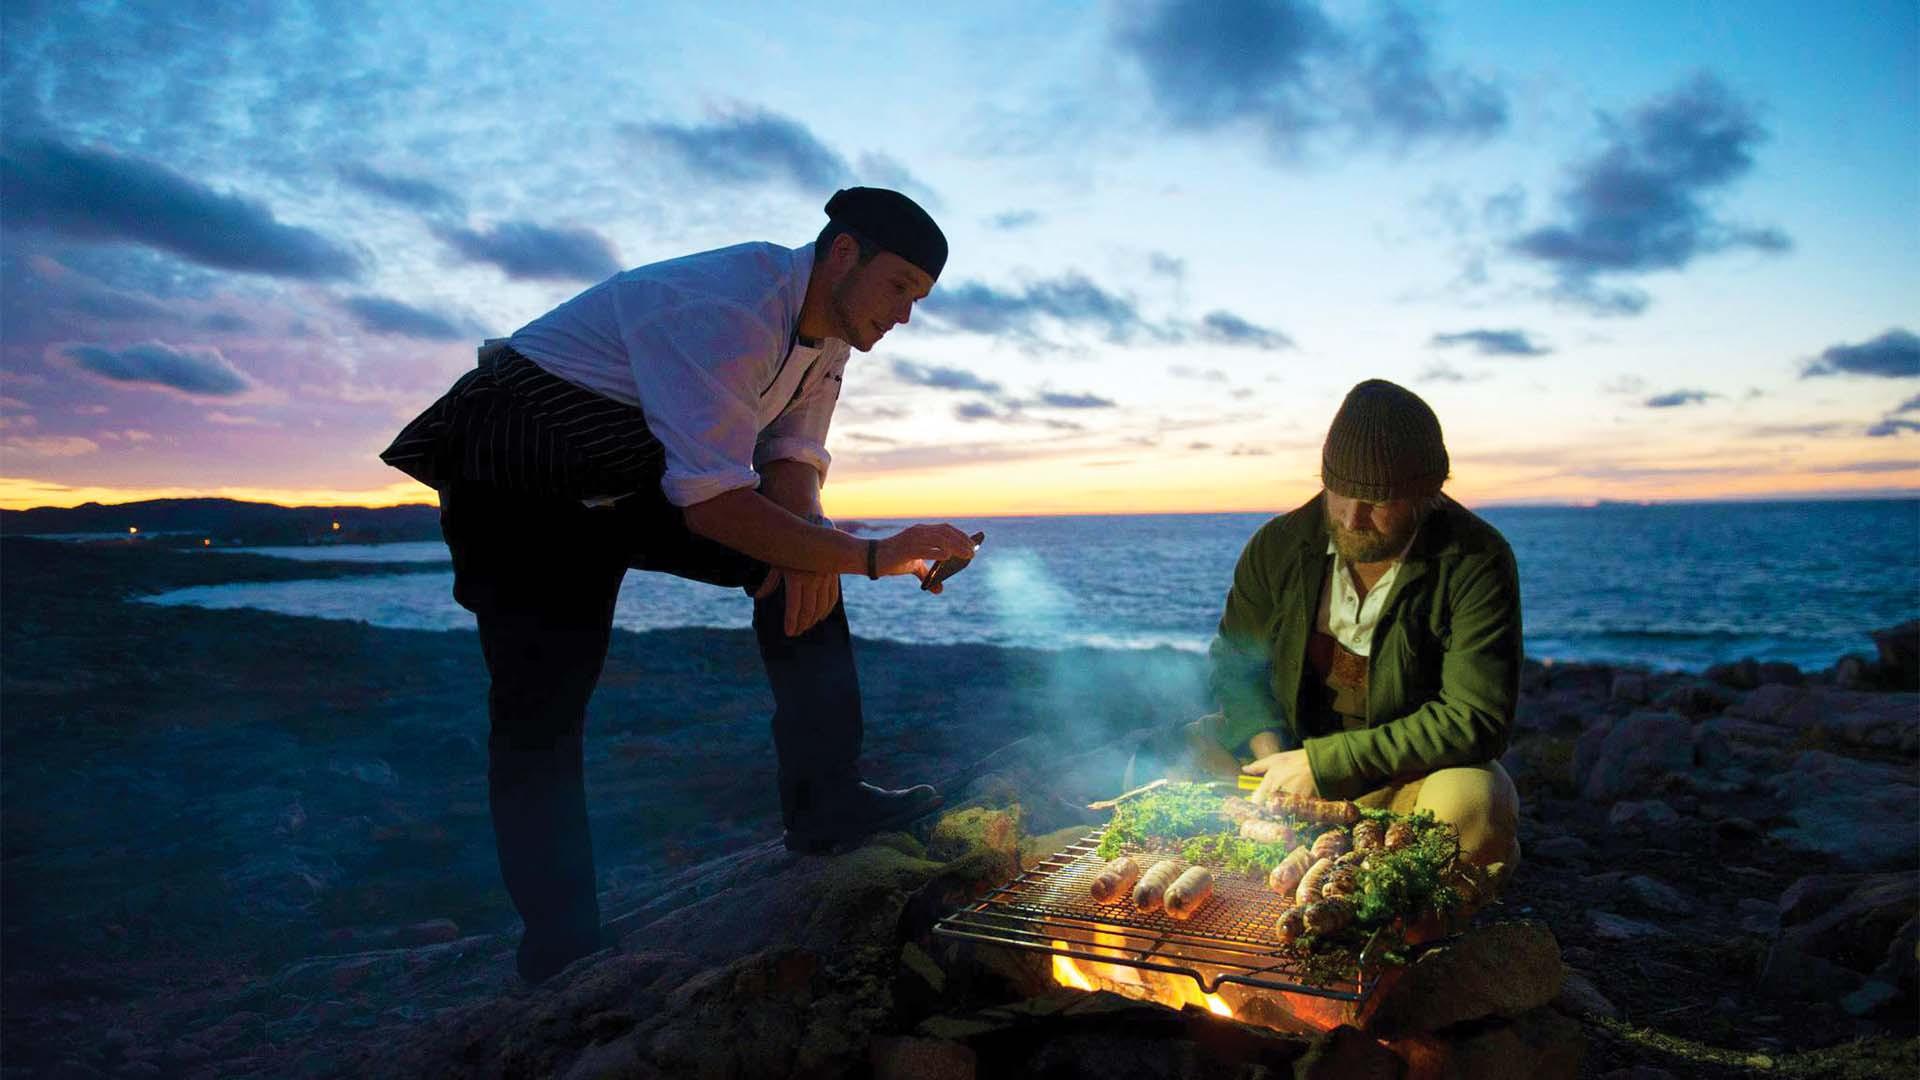 Outdoor barbecue in St. John's Newfoundland & Labrador, Canada